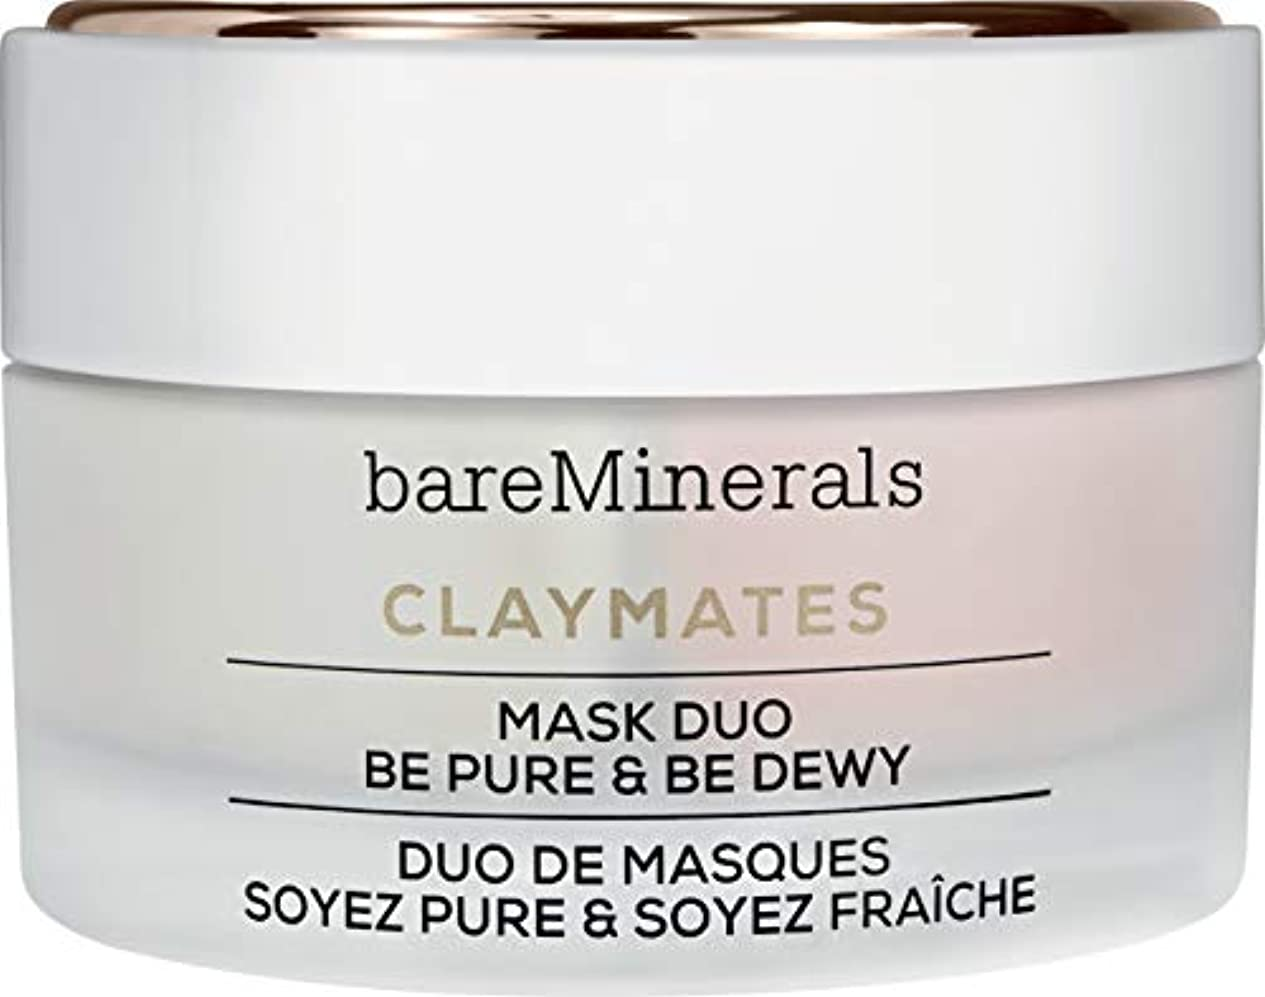 軽減深さバランスベアミネラル Claymates Be Pure & Be Dewy Mask Duo 58g/2.04oz並行輸入品